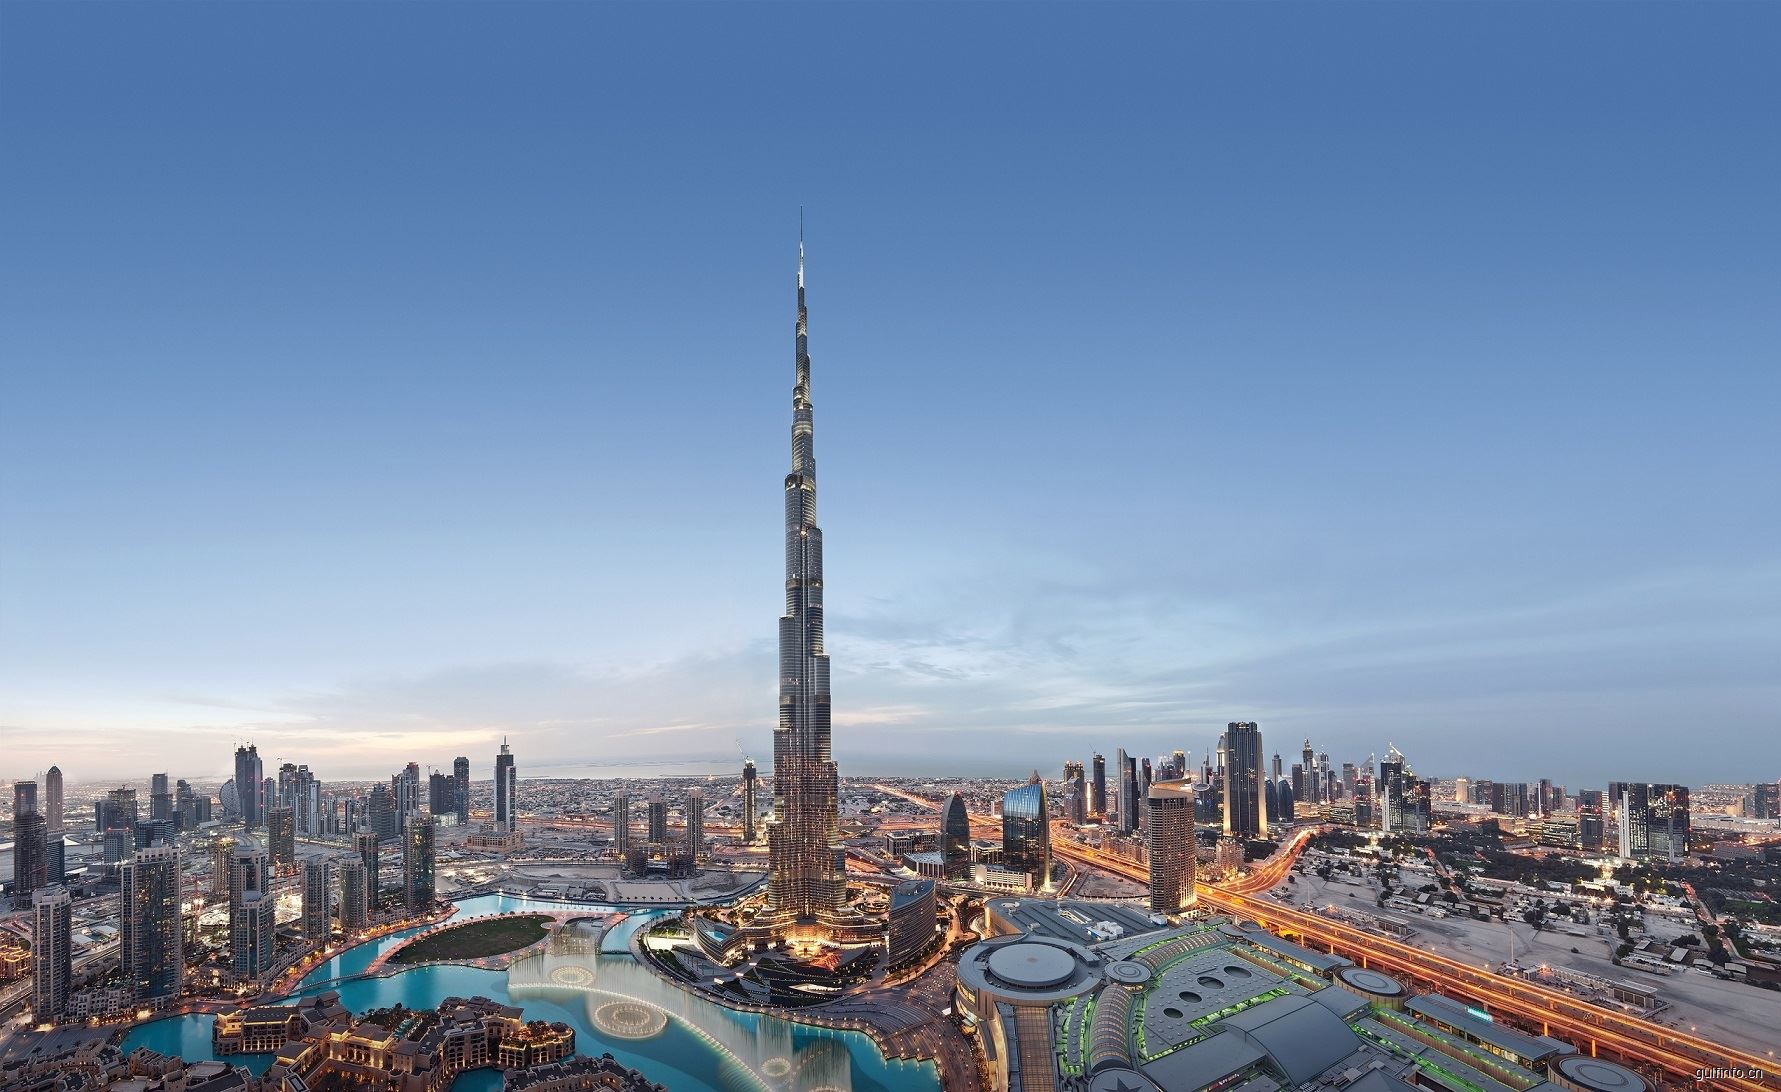 阿联酋和沙特五年内双边非<font color=#ff0000>石</font><font color=#ff0000>油</font>贸易额达4176亿迪拉姆